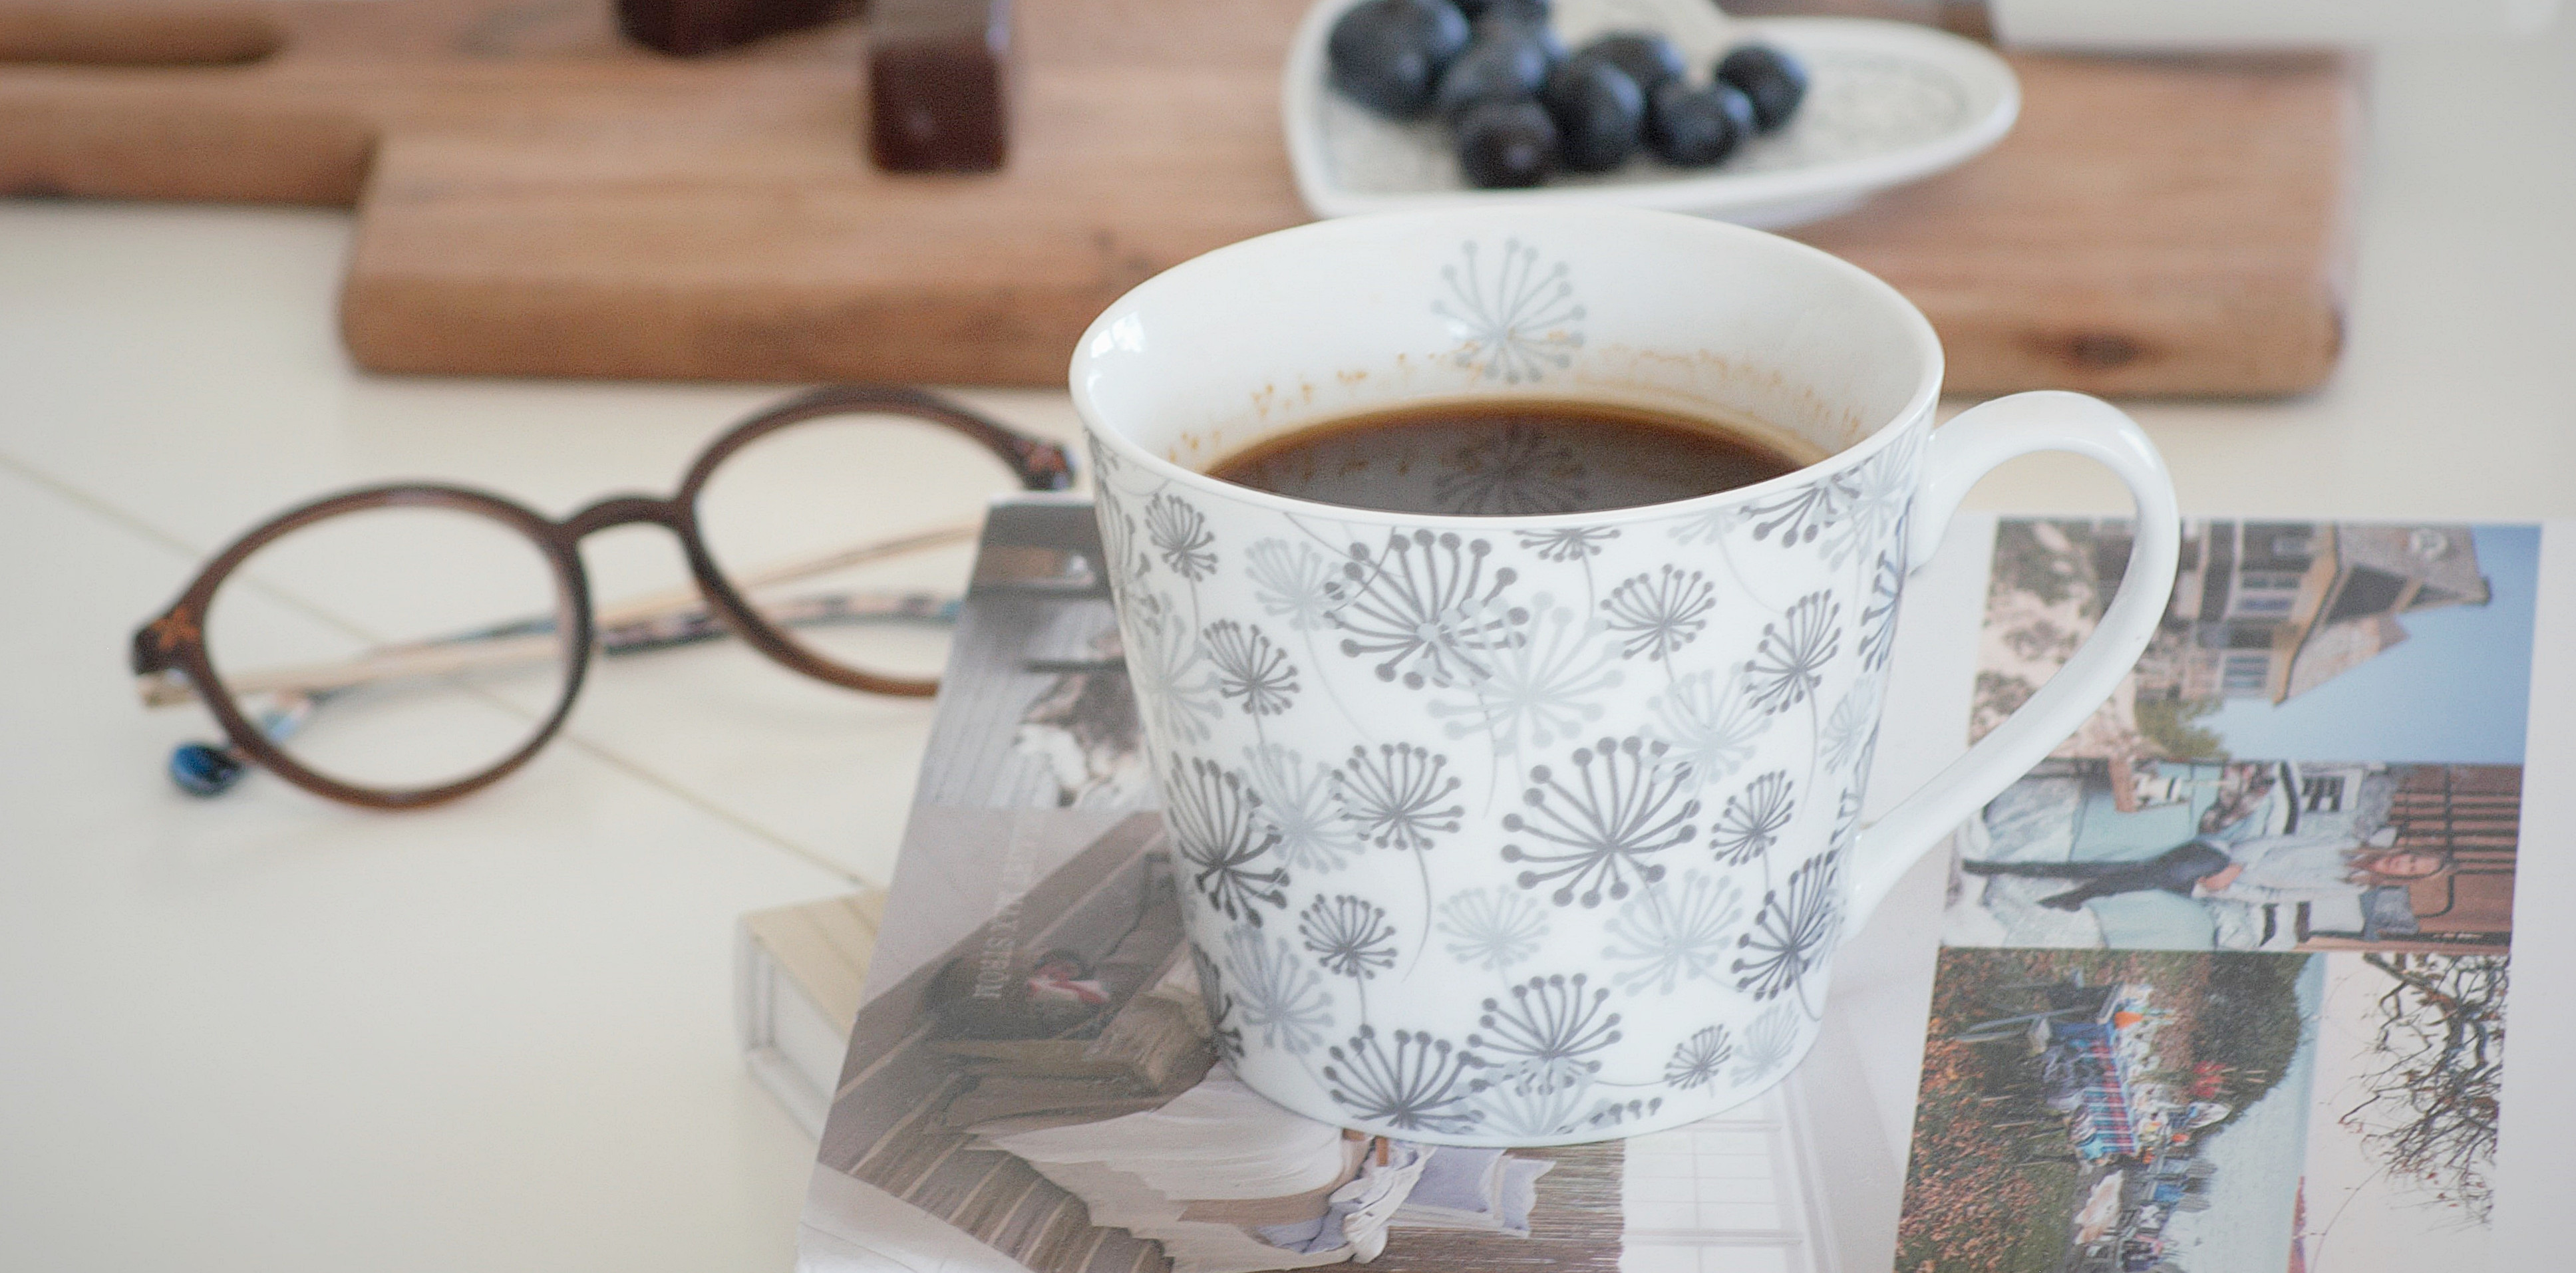 Küche & Tisch - Tassen